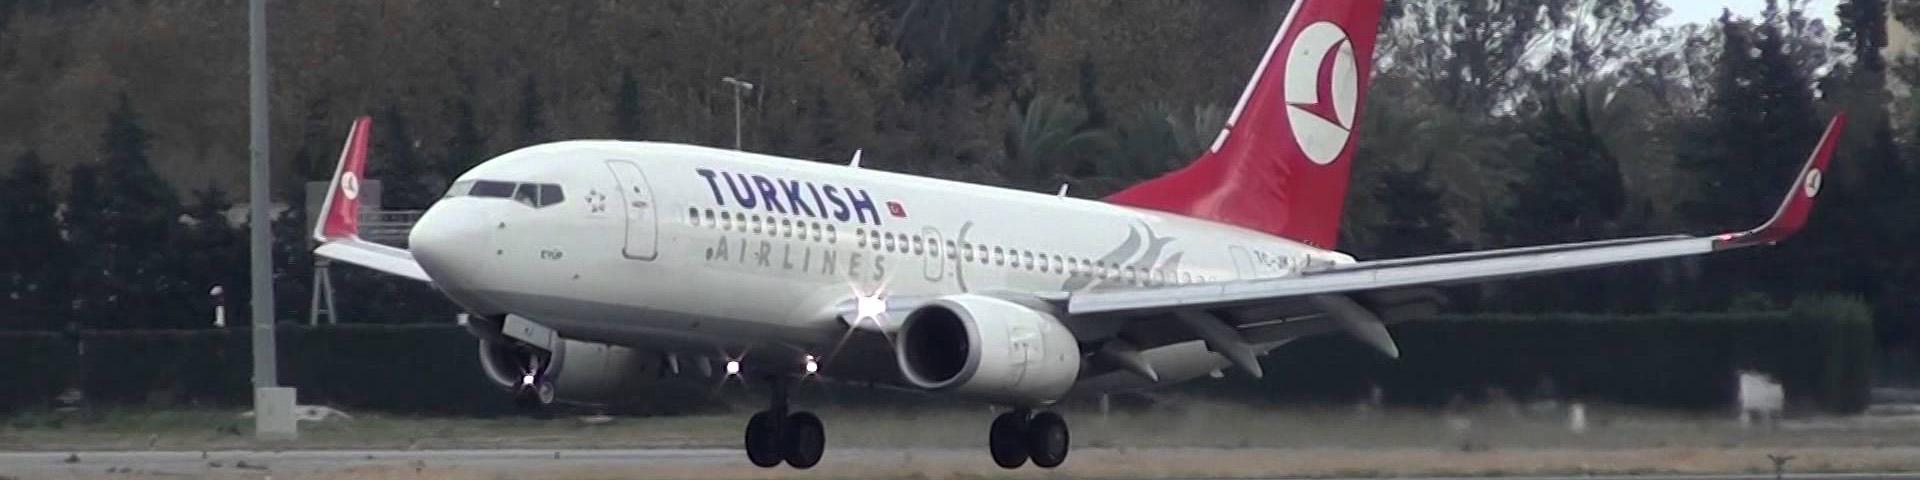 Boeing 737-700 Turkish Airlines